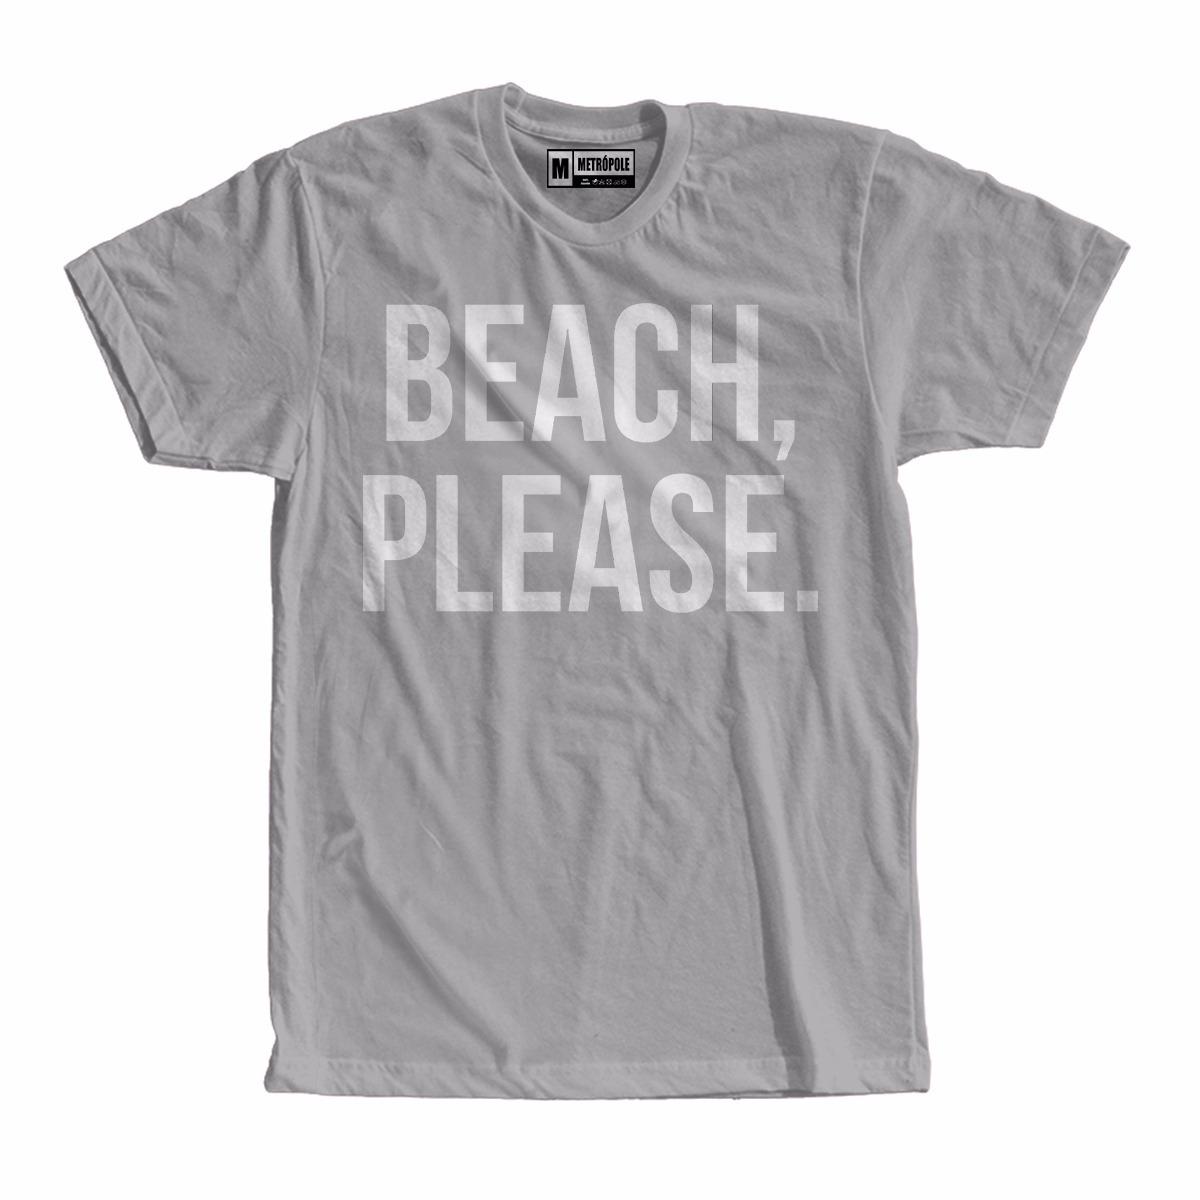 Camiseta Camisa Beach Please Moda Tumblr Frases Swag Praia R 29